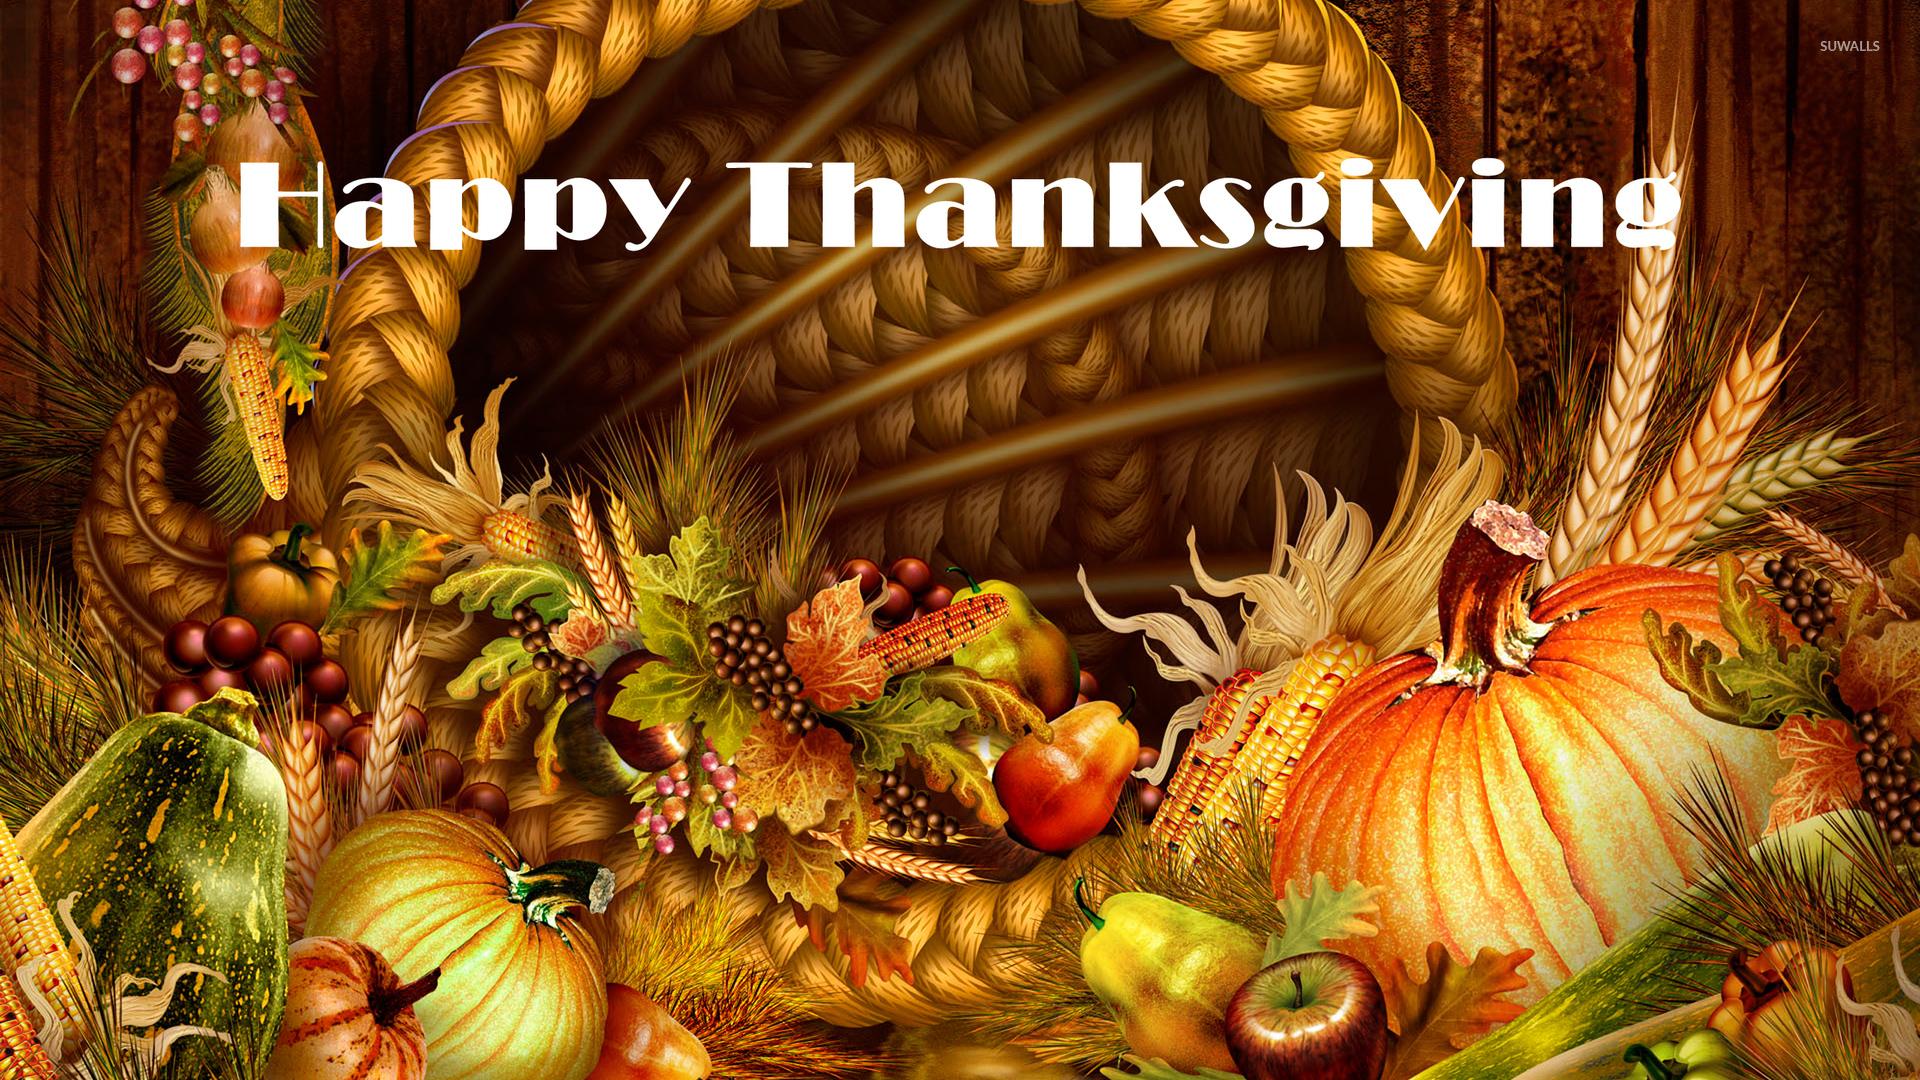 turkey wallpaper 1920x1080 - photo #24